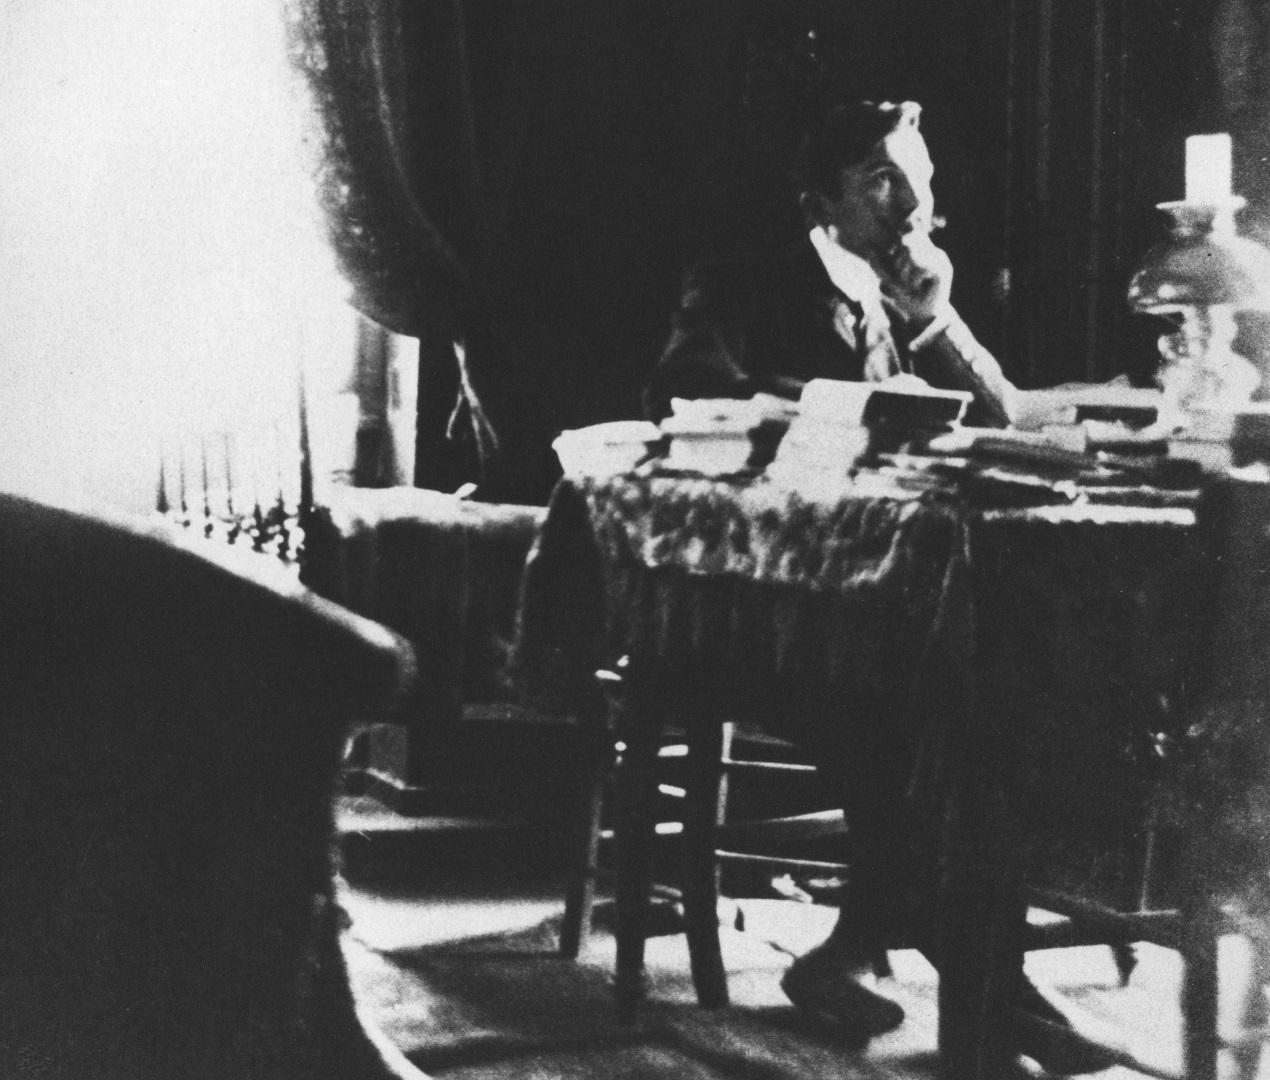 Φωτογραφία του Νίκου Καζαντζάκη, φοιτητή στο Παρίσι, στο γραφείο του